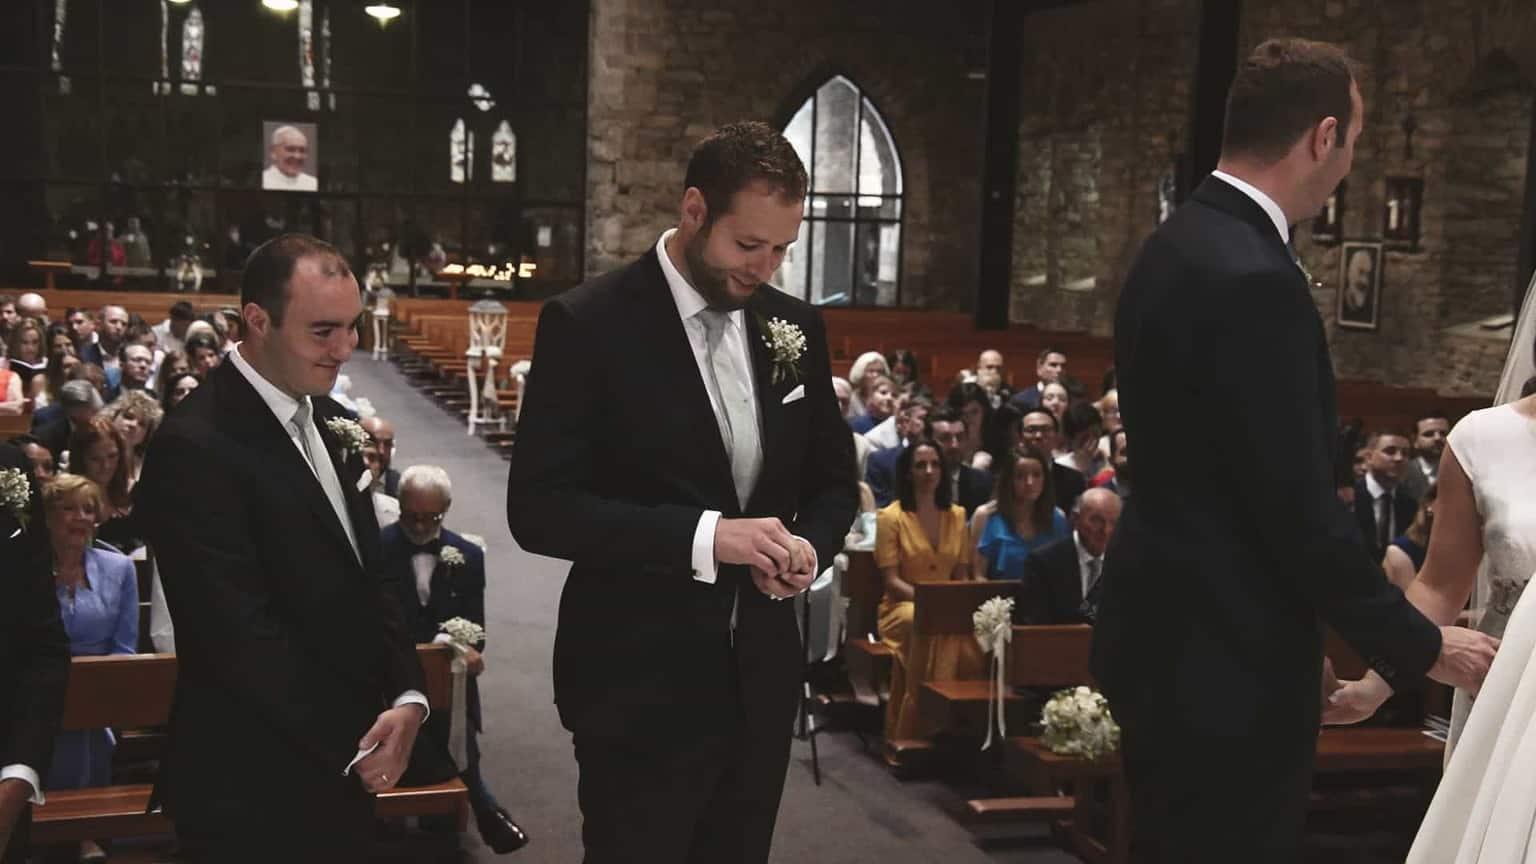 Grooms man looking for wedding rings.